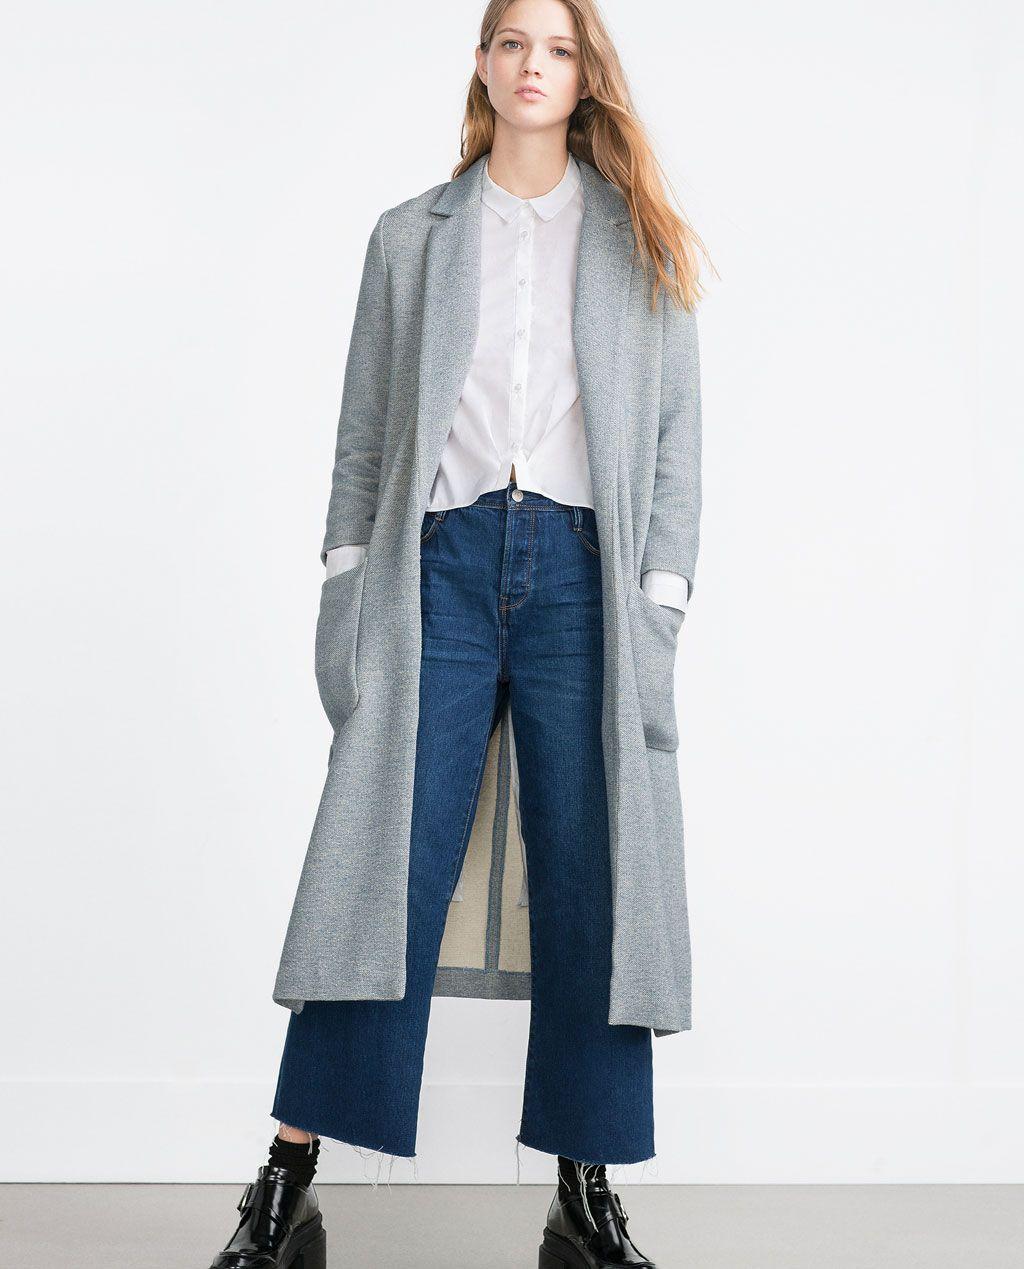 Zara Todo Rebajas Mujer Abrigos Ver Abrigo España Largo gqapvv